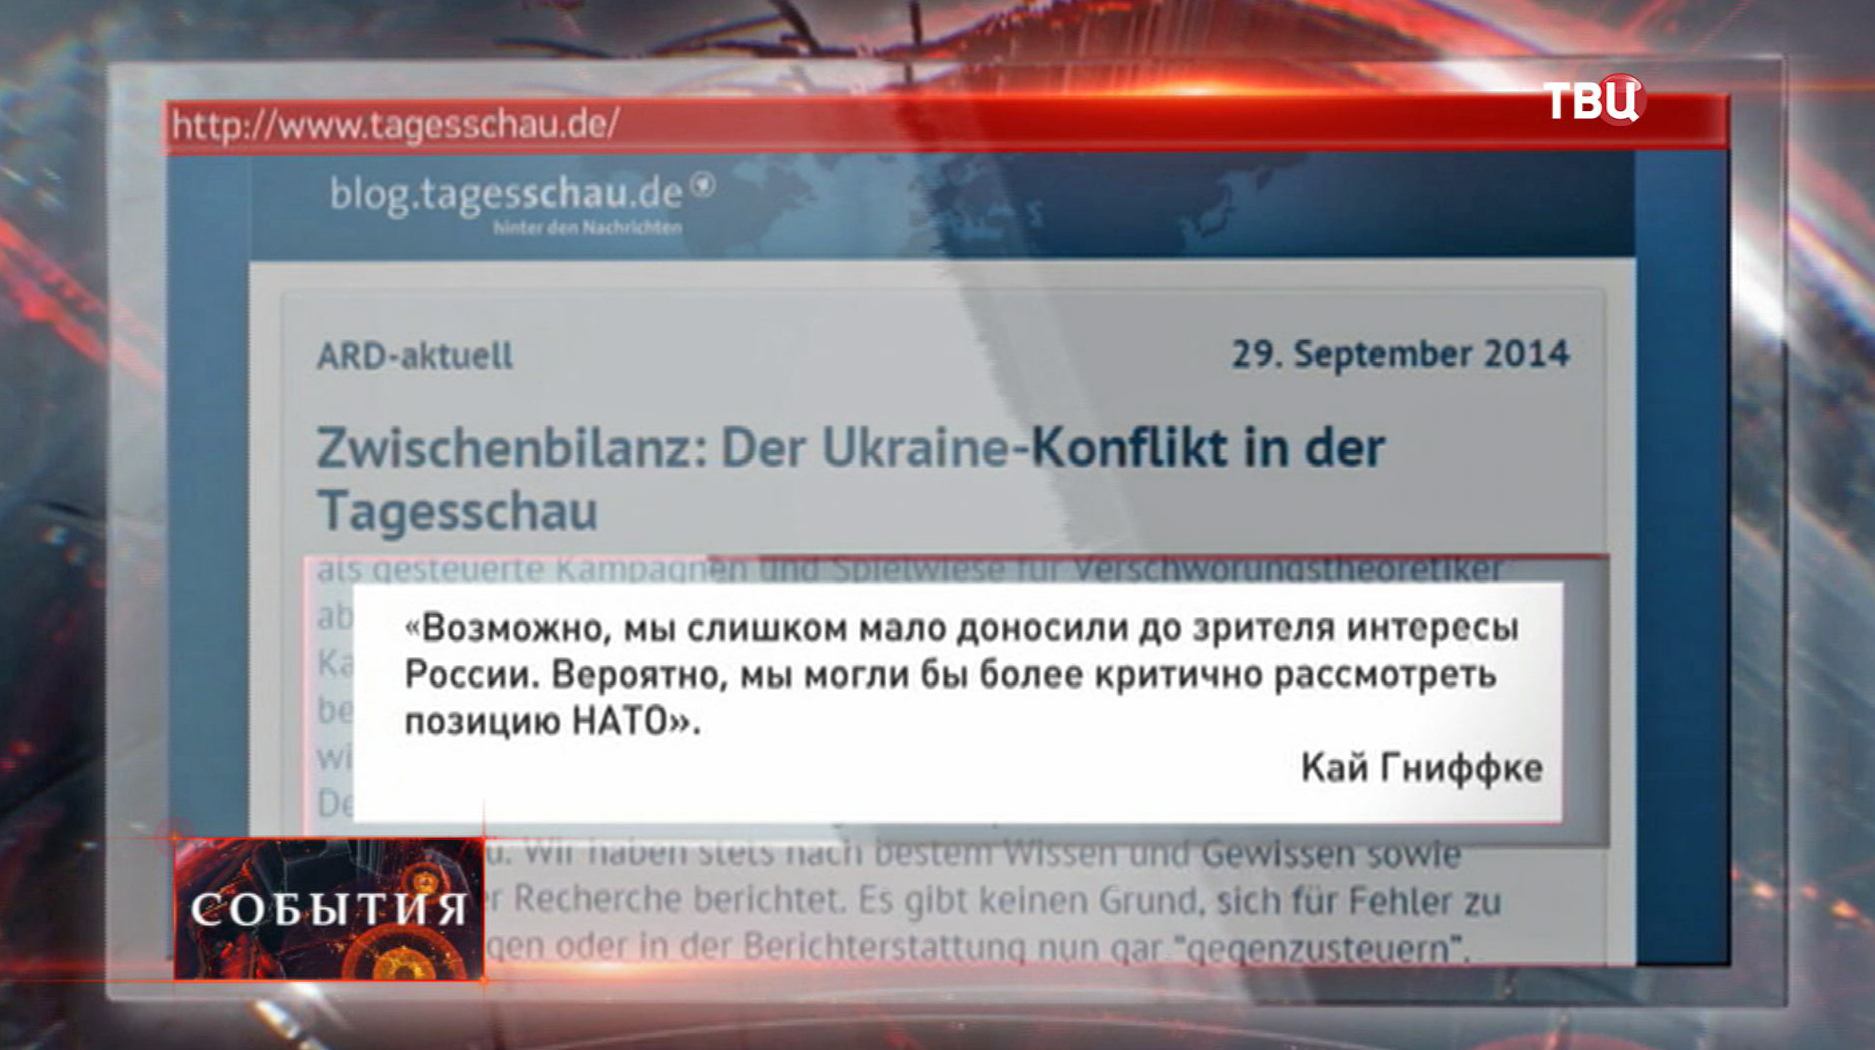 Цитата на сайте телеканала Германии ARD